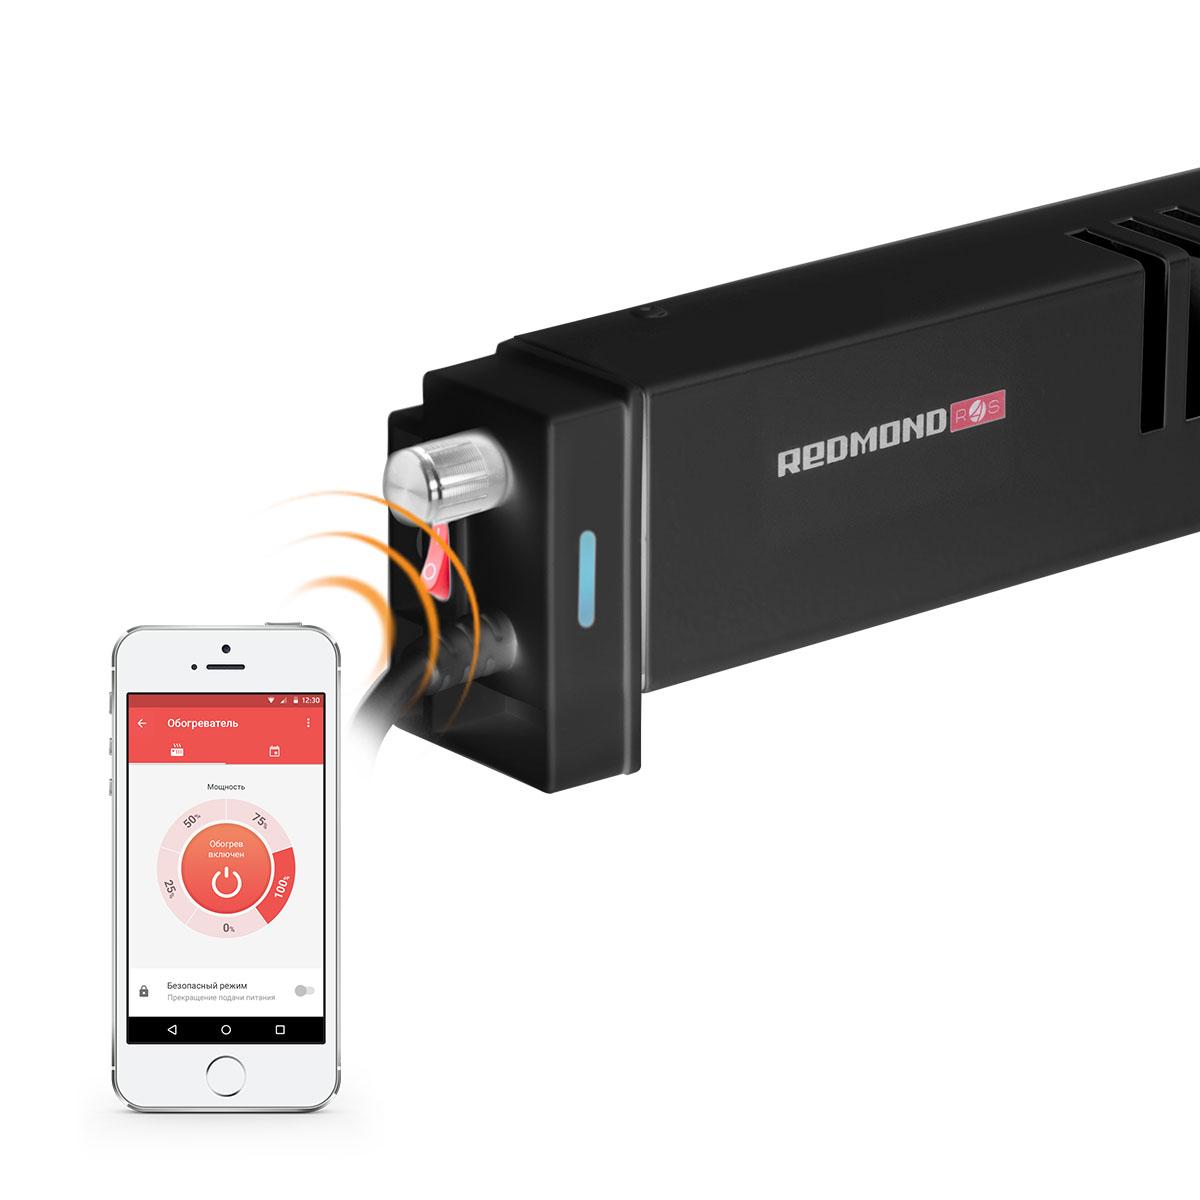 Redmond SkyHeat RCH-7001S, Black обогревательRCH-7001S BlackПлинтусный обогреватель SkyHeat 7001S – это новое умное устройство в линейке REDMOND Smart Home. От обогревателей других типов его отличает принцип подачи тепла в помещение. Компактный 7001S обогревает стену, возле которой установлен. Нагретая стена выполняет функцию теплового экрана и начинает сама согревать комнату. Благодаря такому способу воздух в помещении не расслаивается на теплый и холодный, а прогревается равномерно по принципу естественной конвекции.Воздушные потоки циркулируют с маленькой скоростью и не поднимают пыль, что имеет ключевую важность для аллергиков и людей с заболеваниями дыхательных путей.Умный плинтусный обогреватель 7001S работает с низким расходом энергии, а особая конструкция нагревательного элемента позволяет значительно увеличить зону теплоотдачи. Нагретая стена медленно остывает, а значит, комната дольше остается теплой даже после отключения смарт обогревателя 7001S. Умный плинтусный обогреватель подходит для использования не только в квартирах, но и в загородных домах, офисах и помещениях с высоким уровнем влажности. Благодаря равномерному прогреву воздуха в помещениях сокращается вероятность возникновения грибка и плесени на стенах и конденсата на окнах.SkyHeat 7001S управляется не только с помощью регулятора на корпусе прибора, но и через мобильное приложение Ready for Sky на смартфоне или планшете. Из соседней комнаты, а при подключенном приложении R4S Gateway на домашнем Android-смартфоне/планшете с любого расстояния: из офиса, по дороге домой или на дачу можно включить и выключить плинтусный обогреватель, выбрать мощность нагрева (доступно 4 уровня для поддержания комфортной постоянной температуры или быстрого обогрева), настроить расписание работы умного 7001S или заблокировать его от несанкционированного включения.Как выбрать обогреватель. Статья OZON Гид